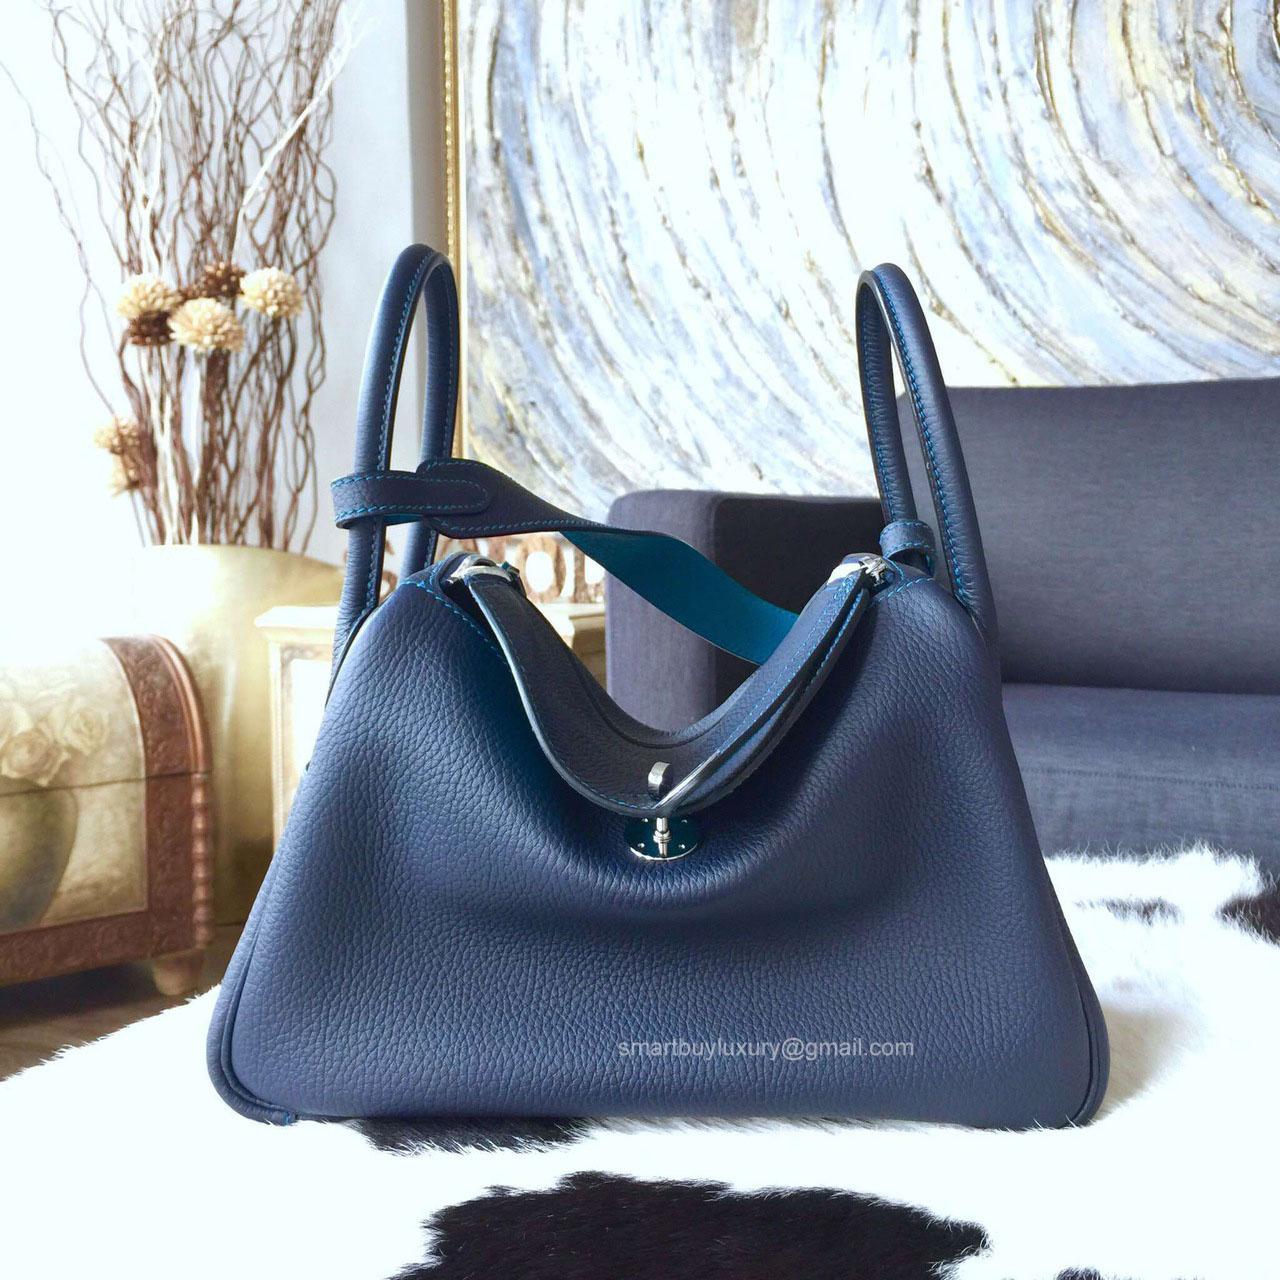 Hermes Lindy 26 in Blue Saphir Bi-color Clemence Leather Handstitched